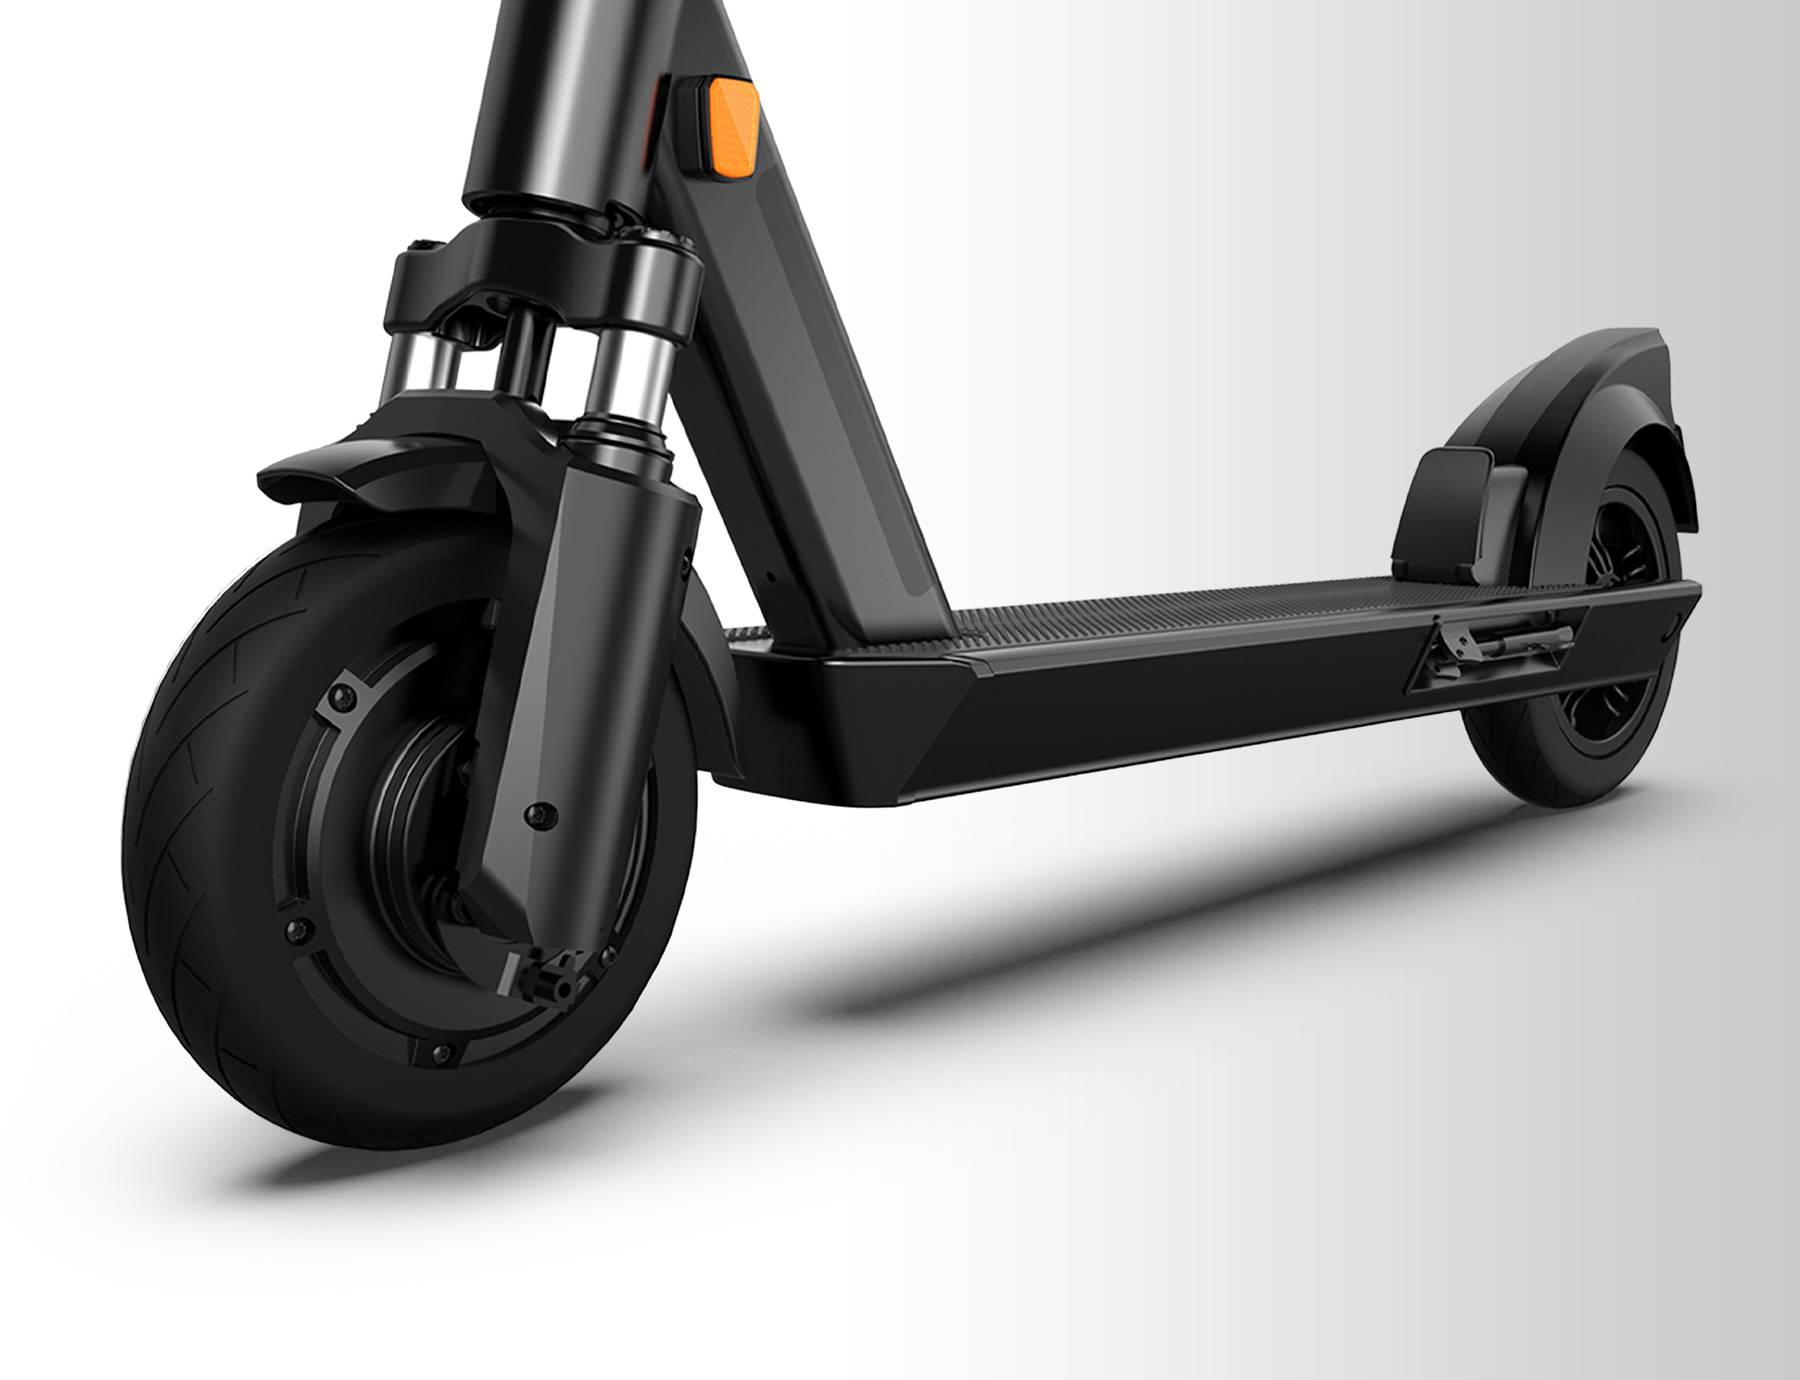 ES200E-okai-escooter-front-wheel-suspension-reflectors